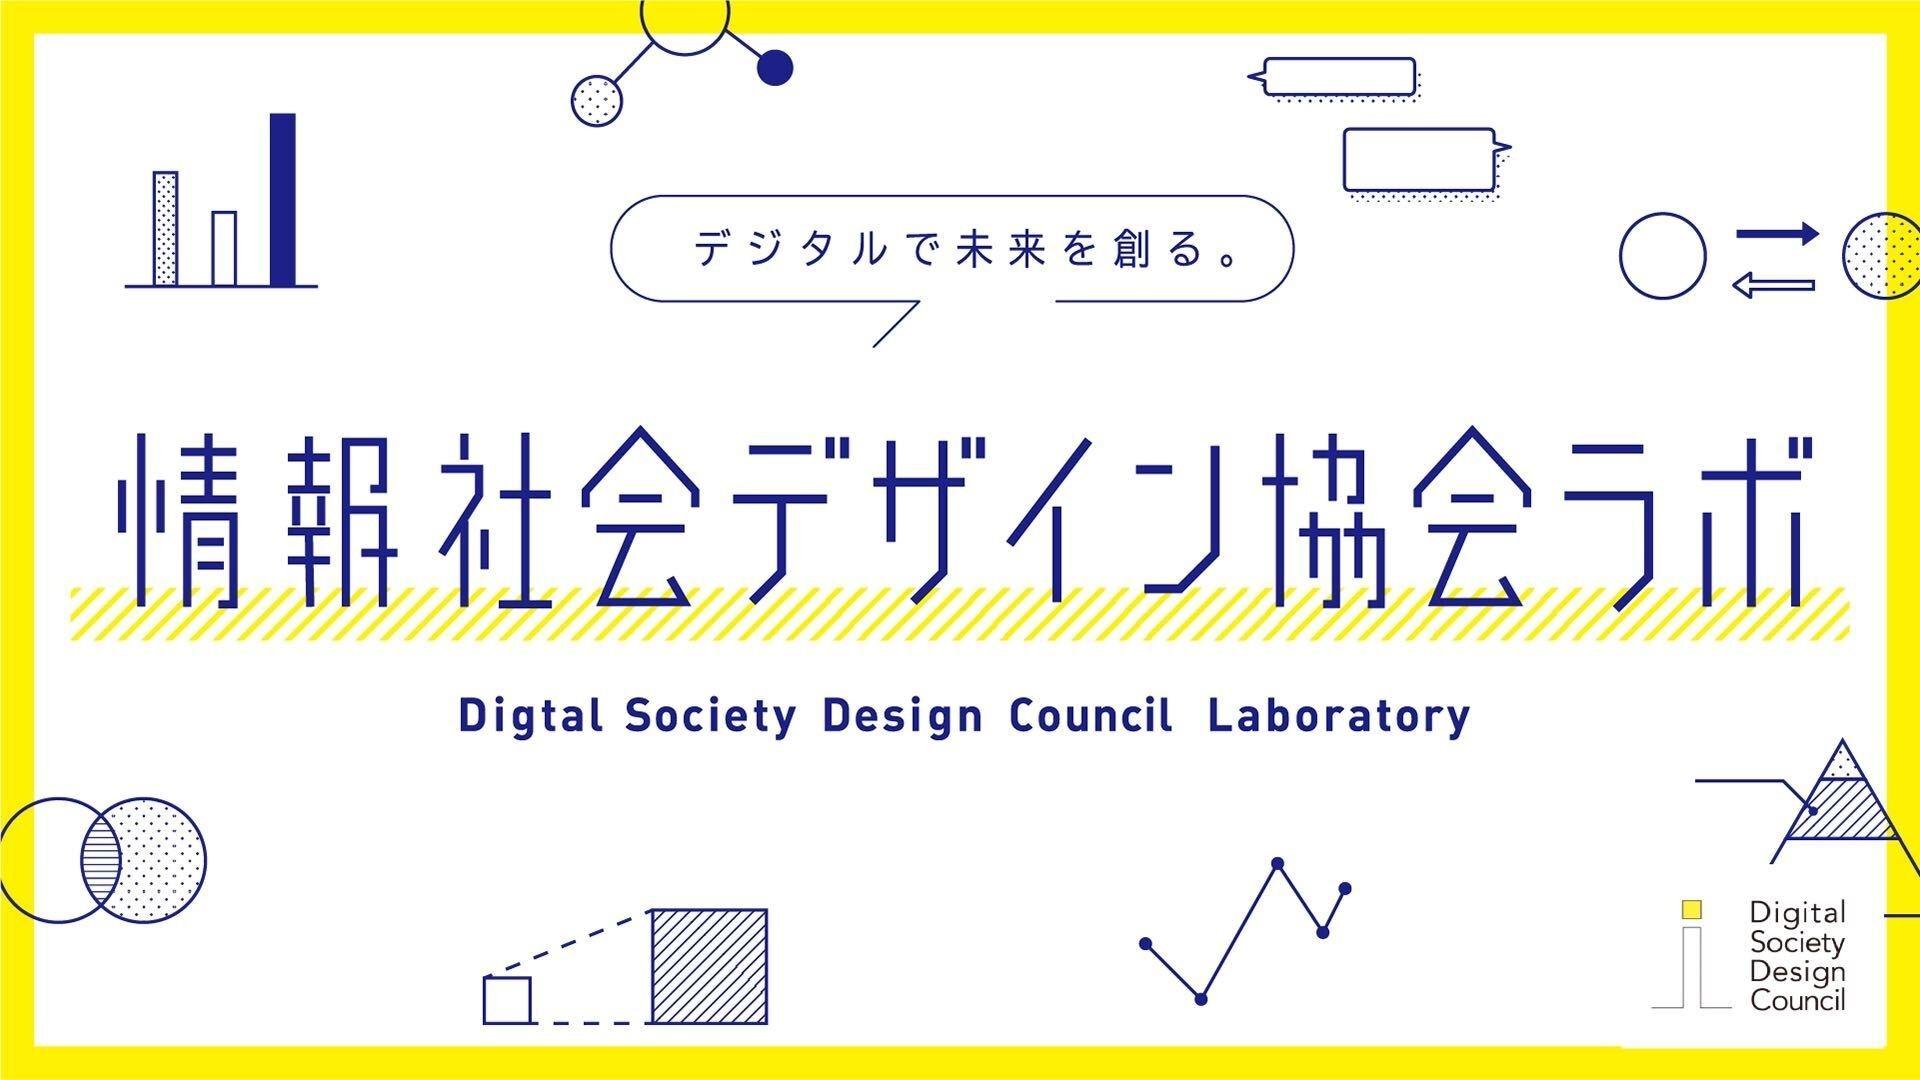 情報社会デザイン協会 - 情報社会デザイン協会ラボ - DMM オンラインサロン